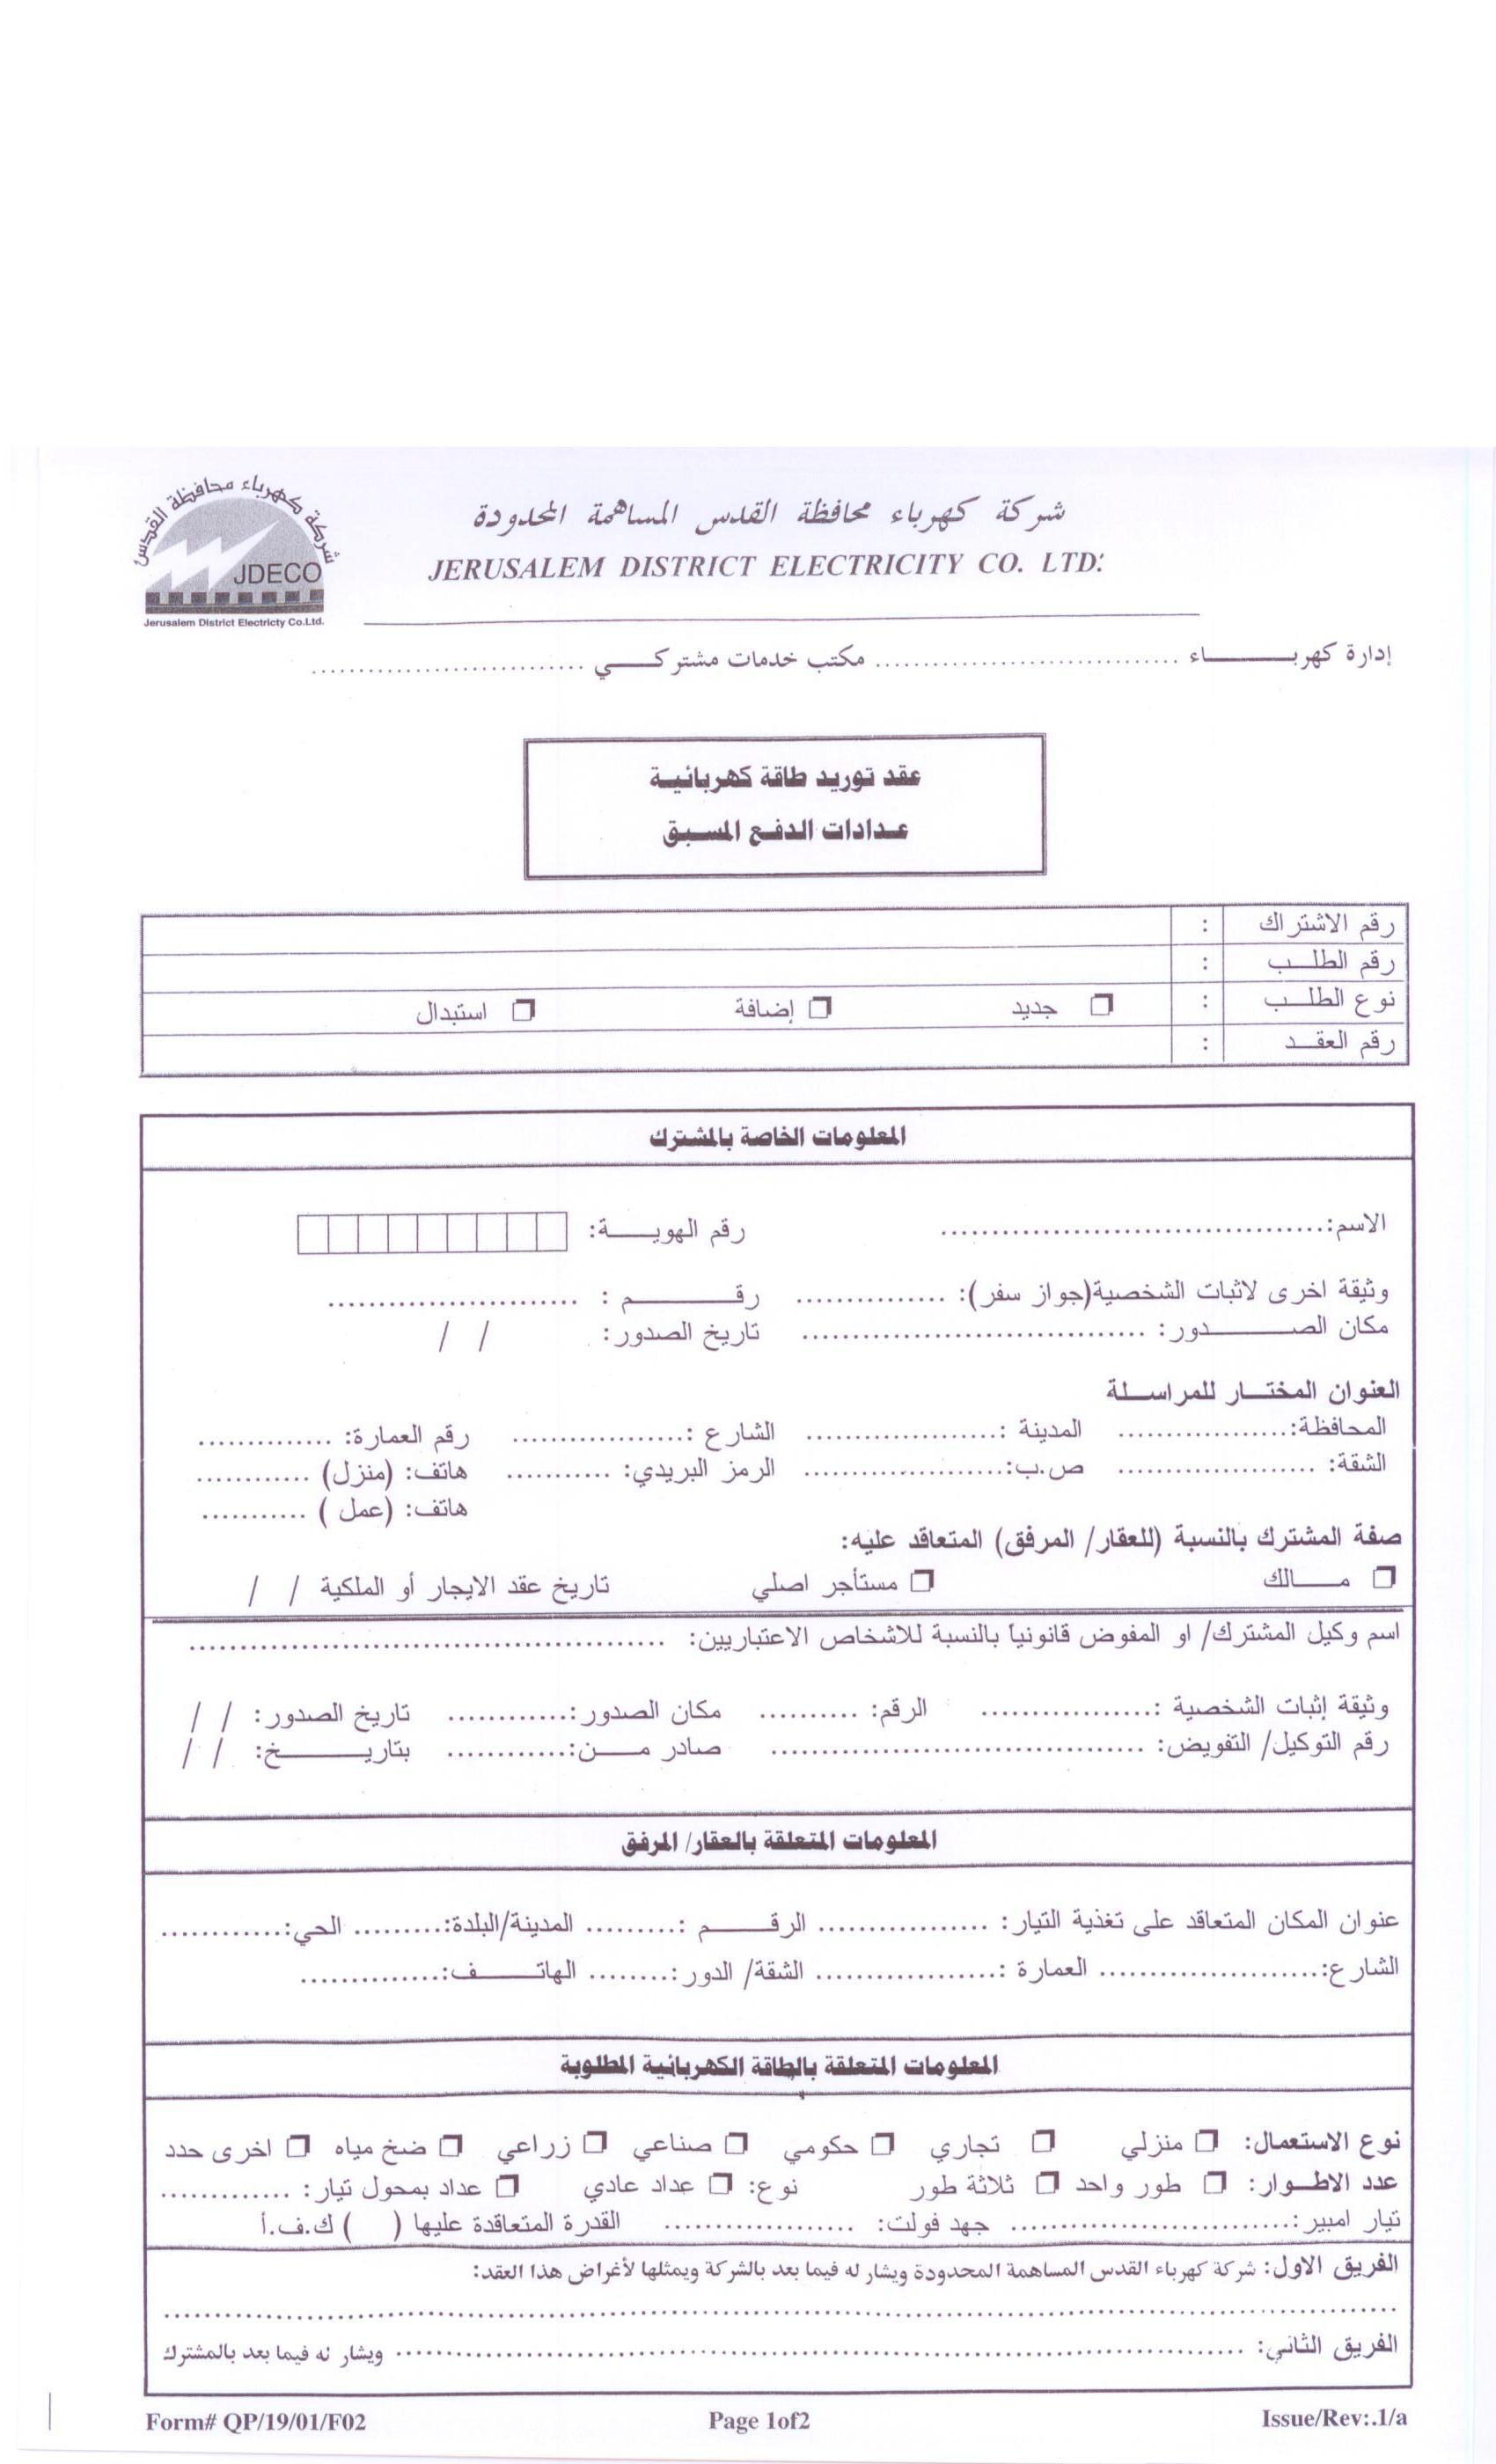 رأيت رام الله pdf